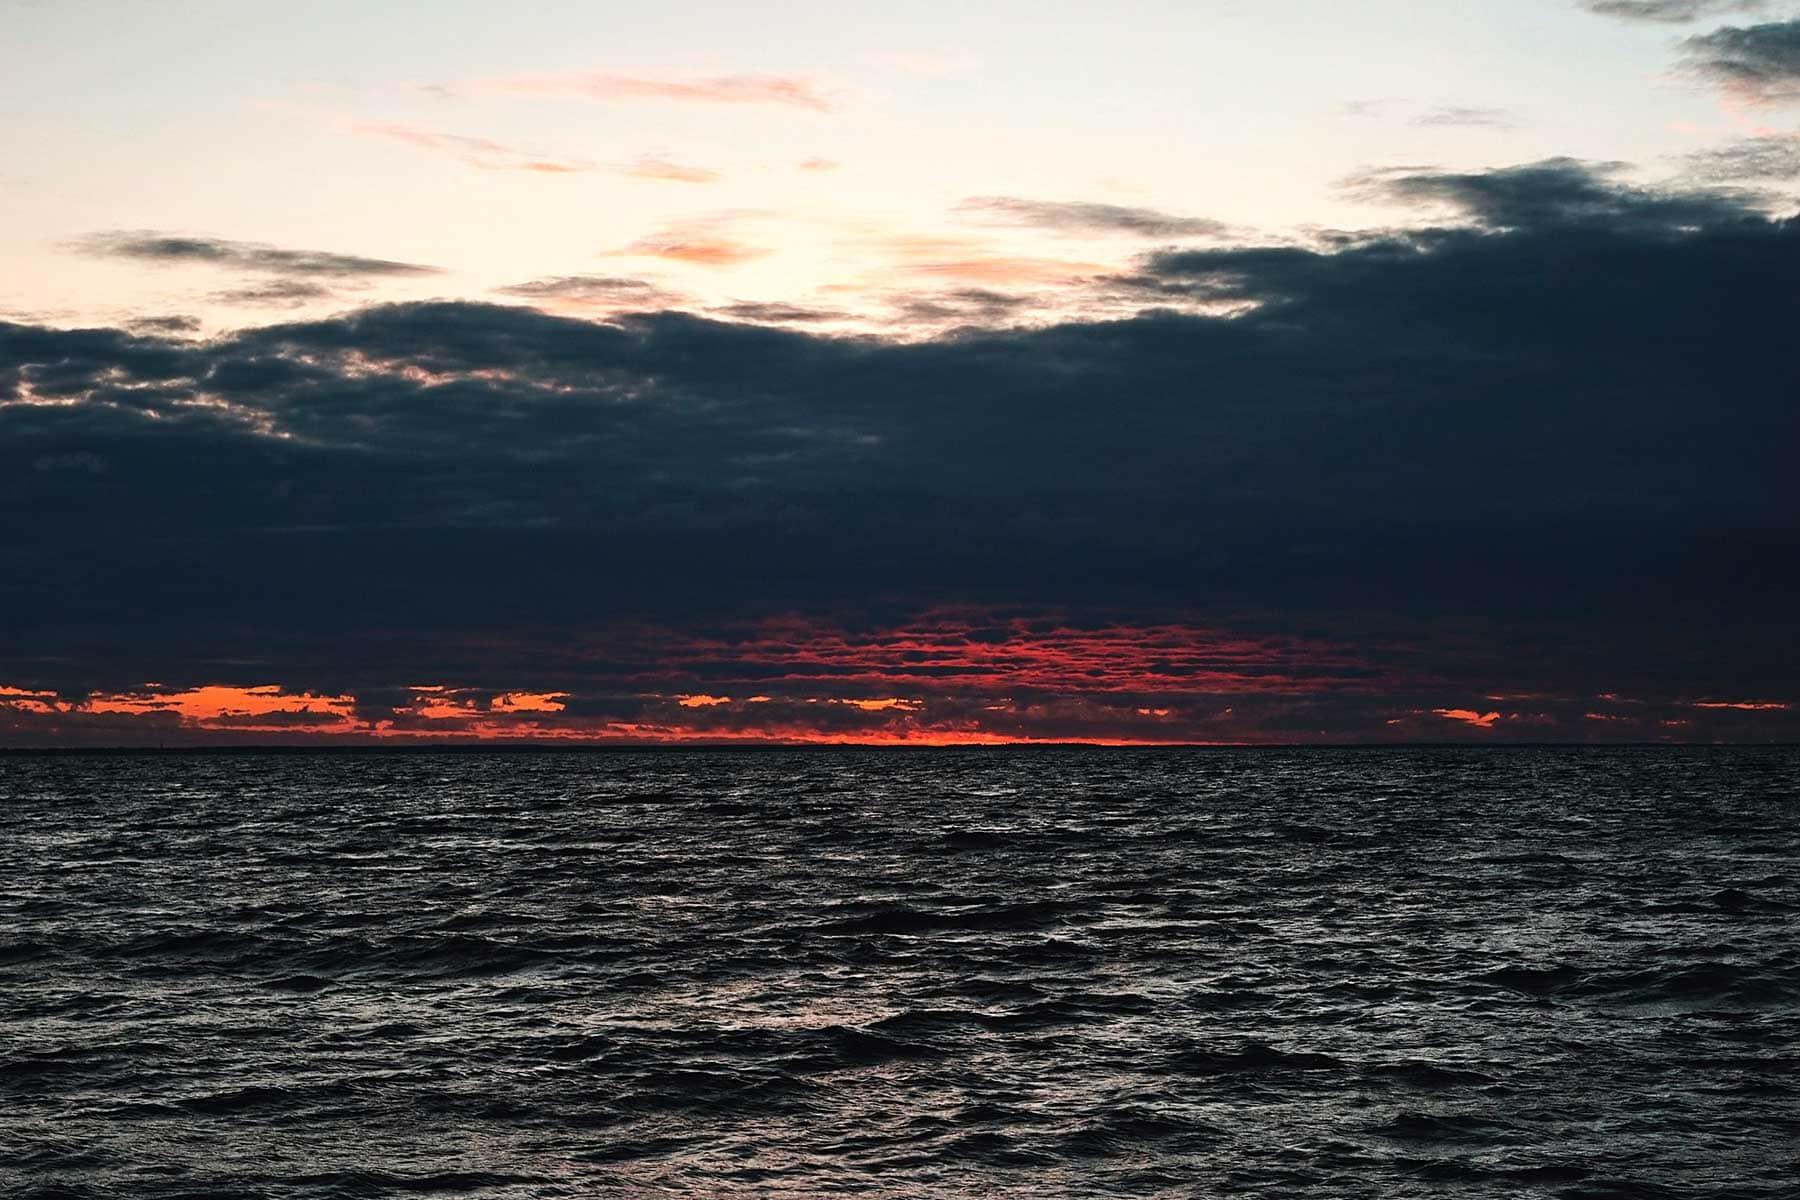 Resor-till-Öland-solnedgång-sjön-Nygren-Lind-Resebyrå